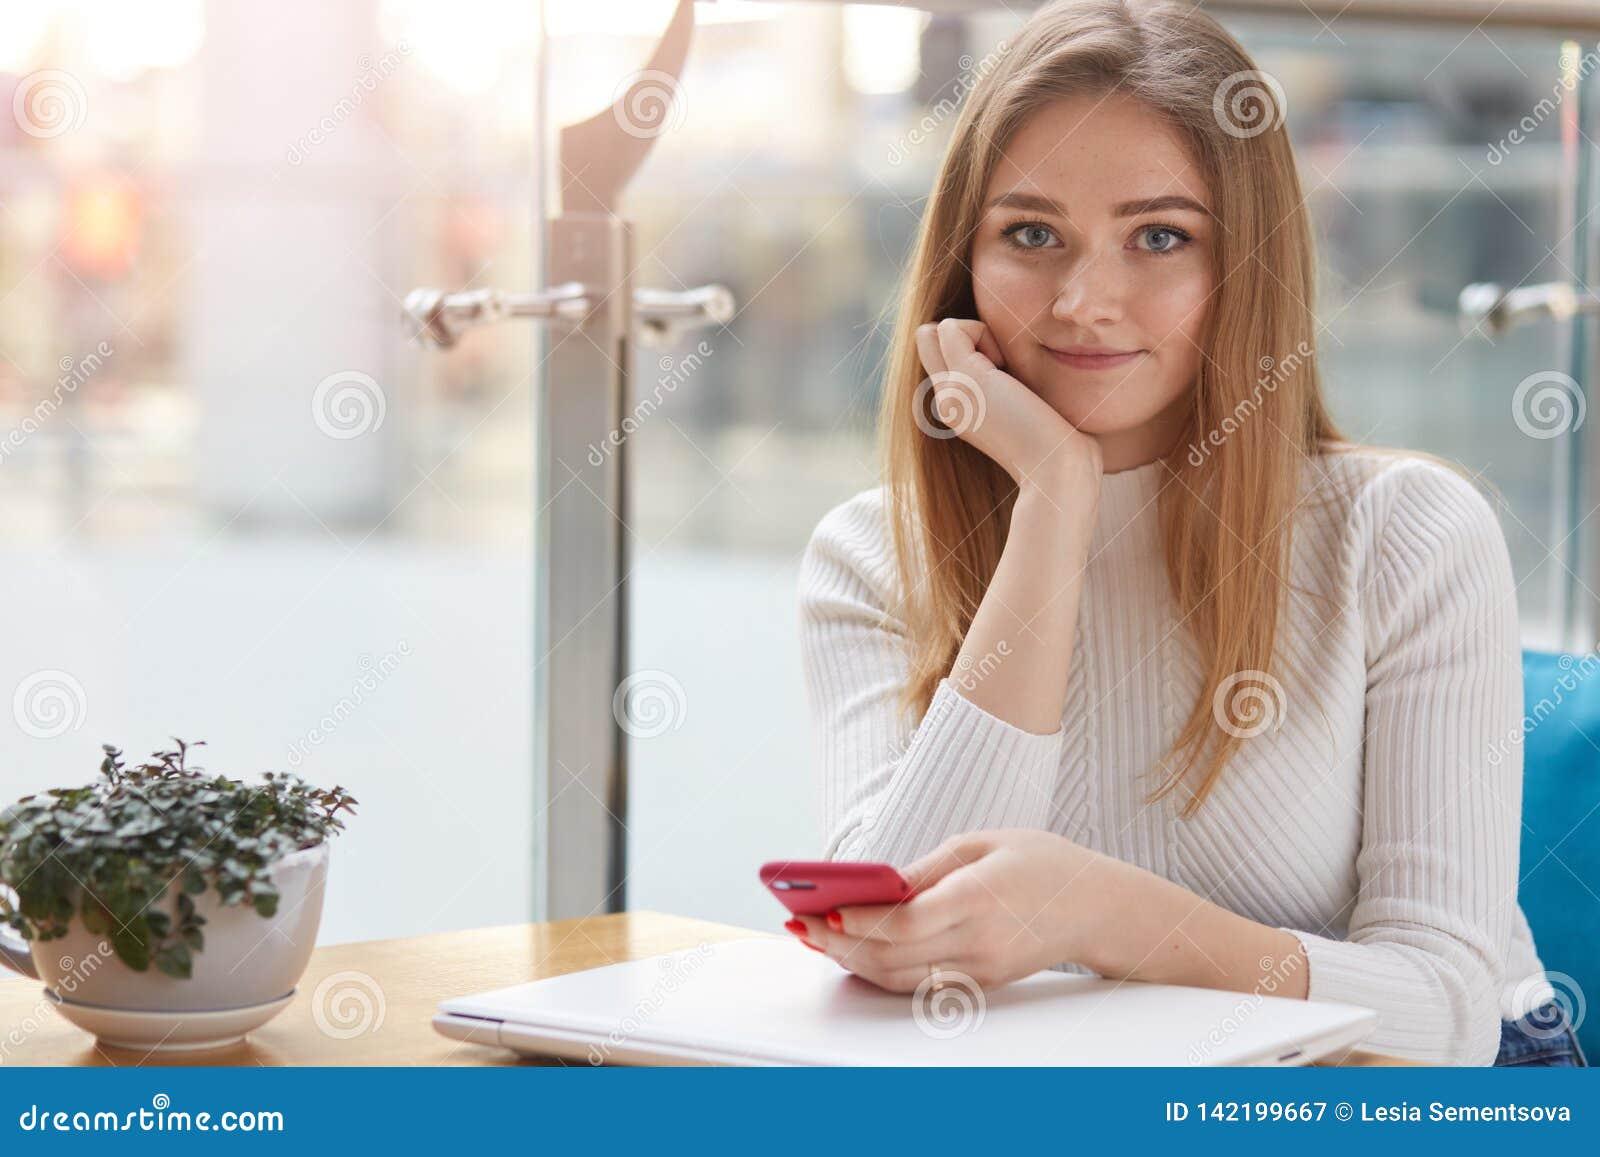 La mujer encantadora con sonrisa hermosa sostiene el teléfono móvil a disposición, guarda otra mano en la barbilla, tiene resto e